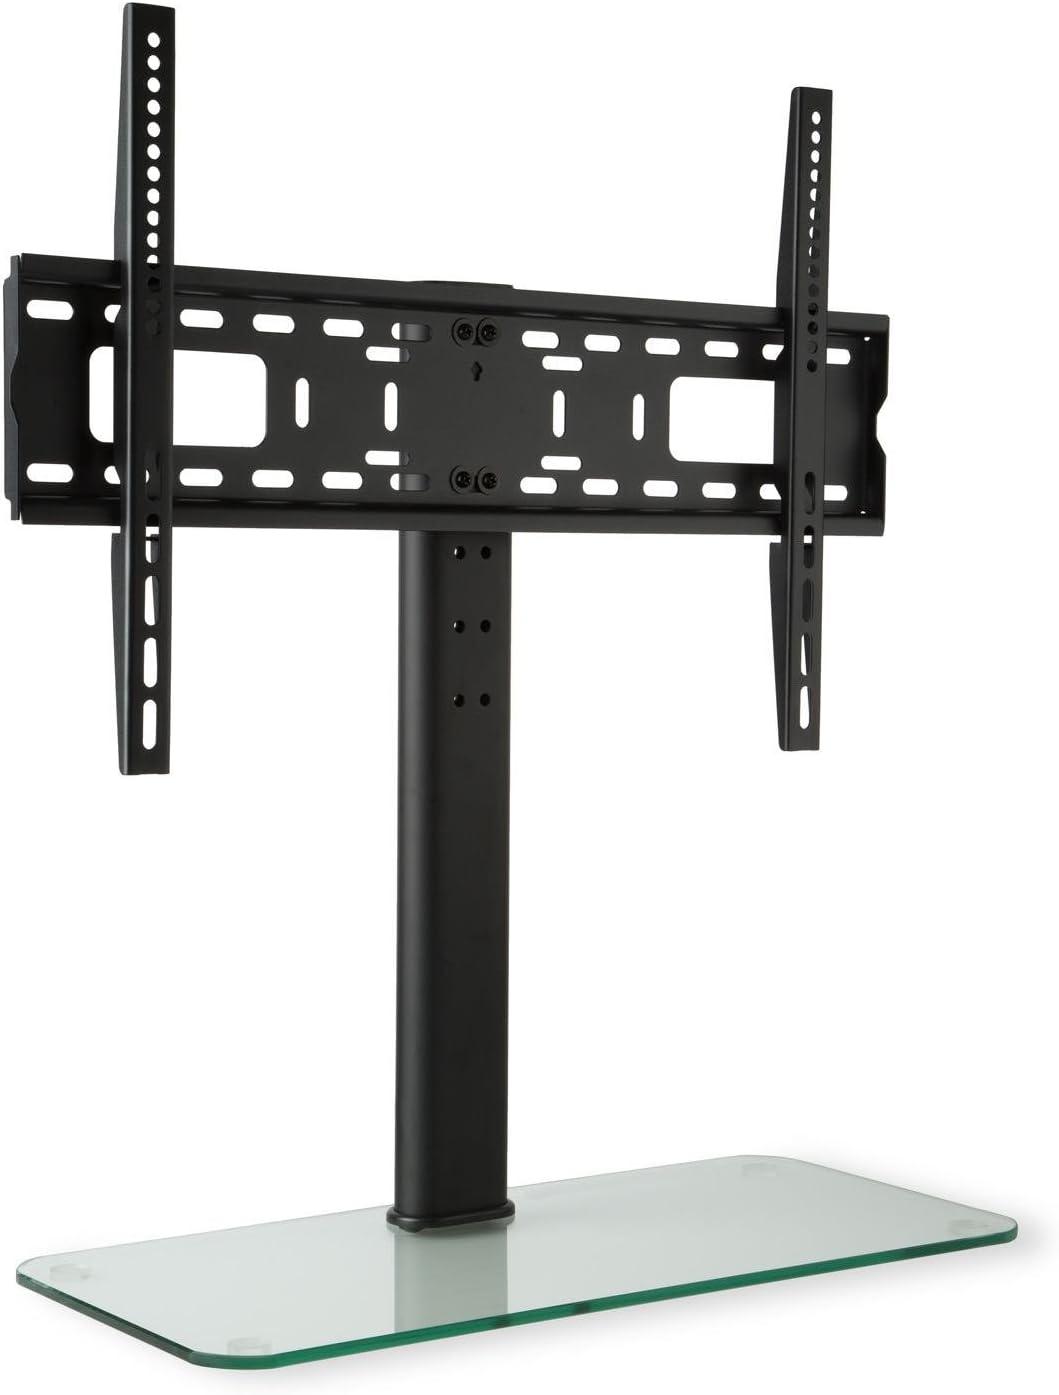 Auna Soporte para televisor Tamaño L Regulable en Altura hasta 56cm (Ideal sujeción televisión 23-55 Pulgadas, 3 Niveles, Base TV de Cristal): Amazon.es: Electrónica